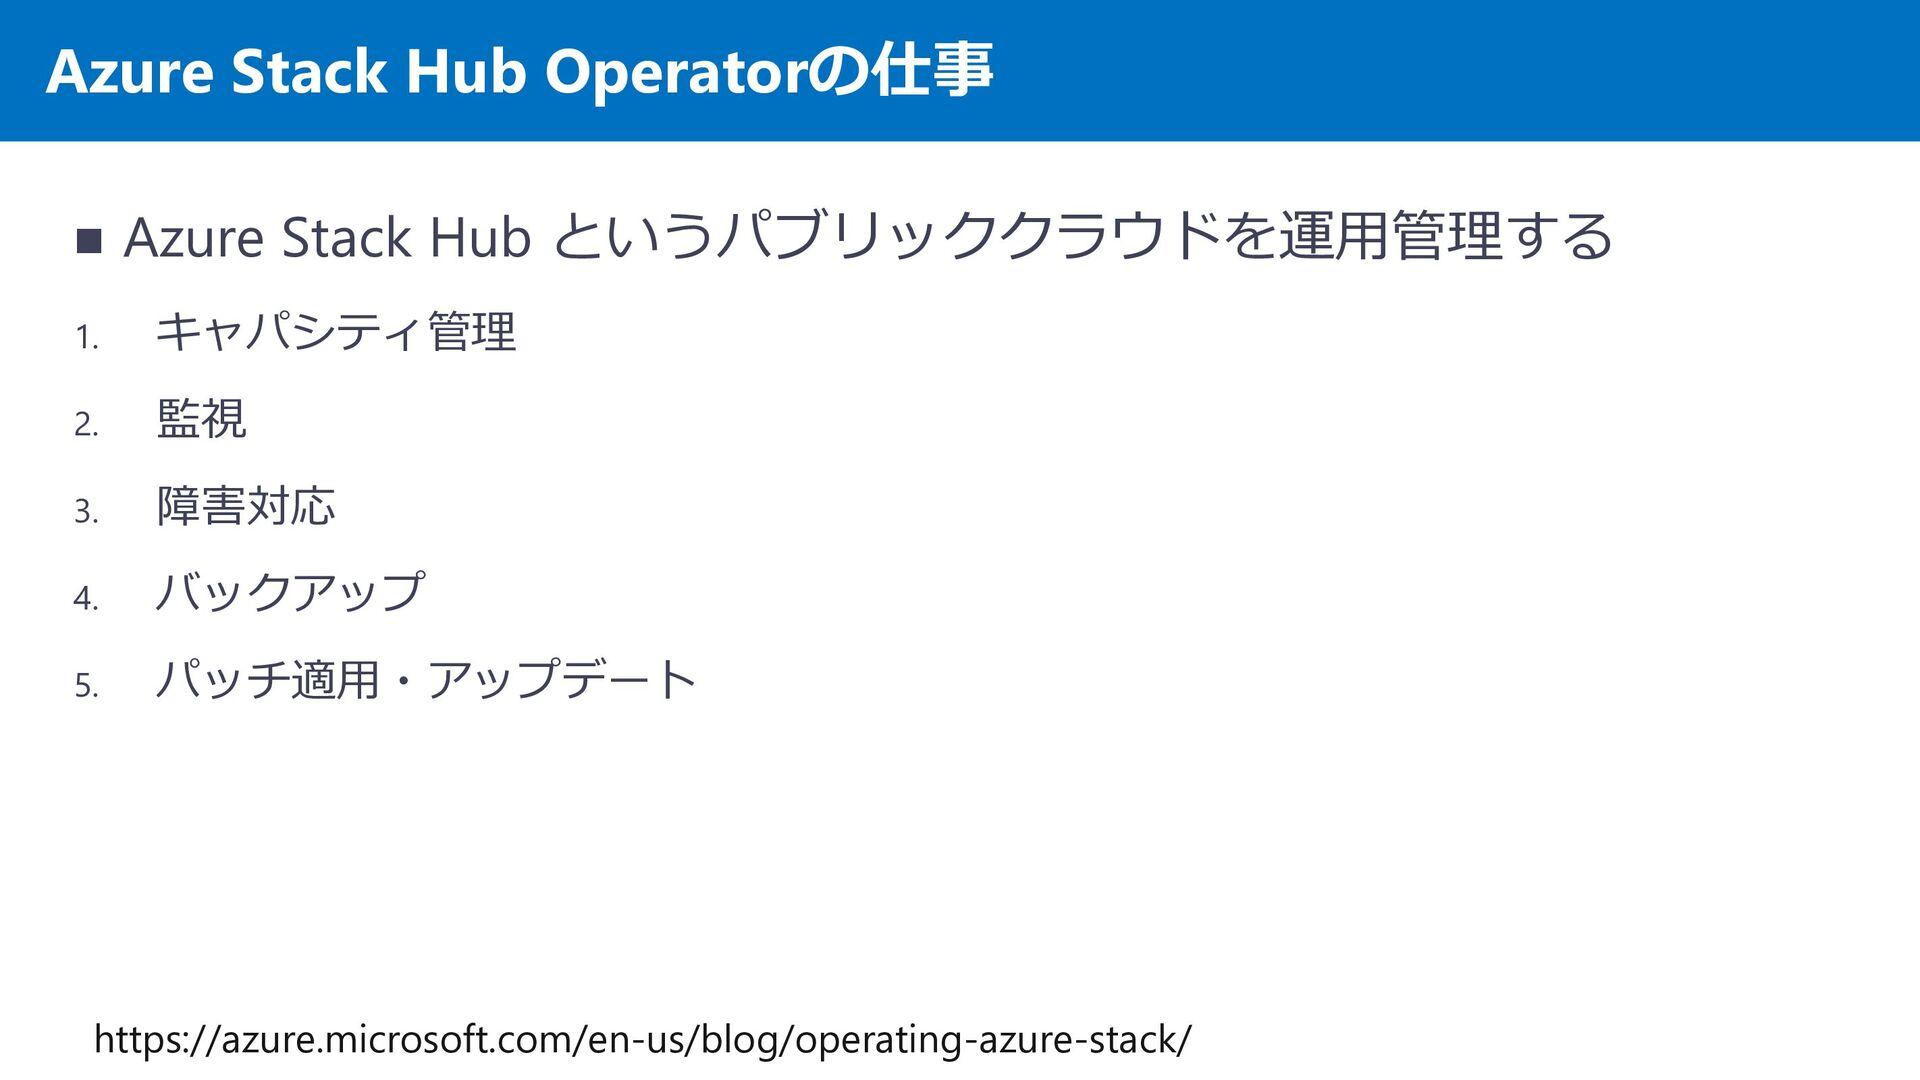 新しい役割 - Azure Stack Operator - https://azure.mi...